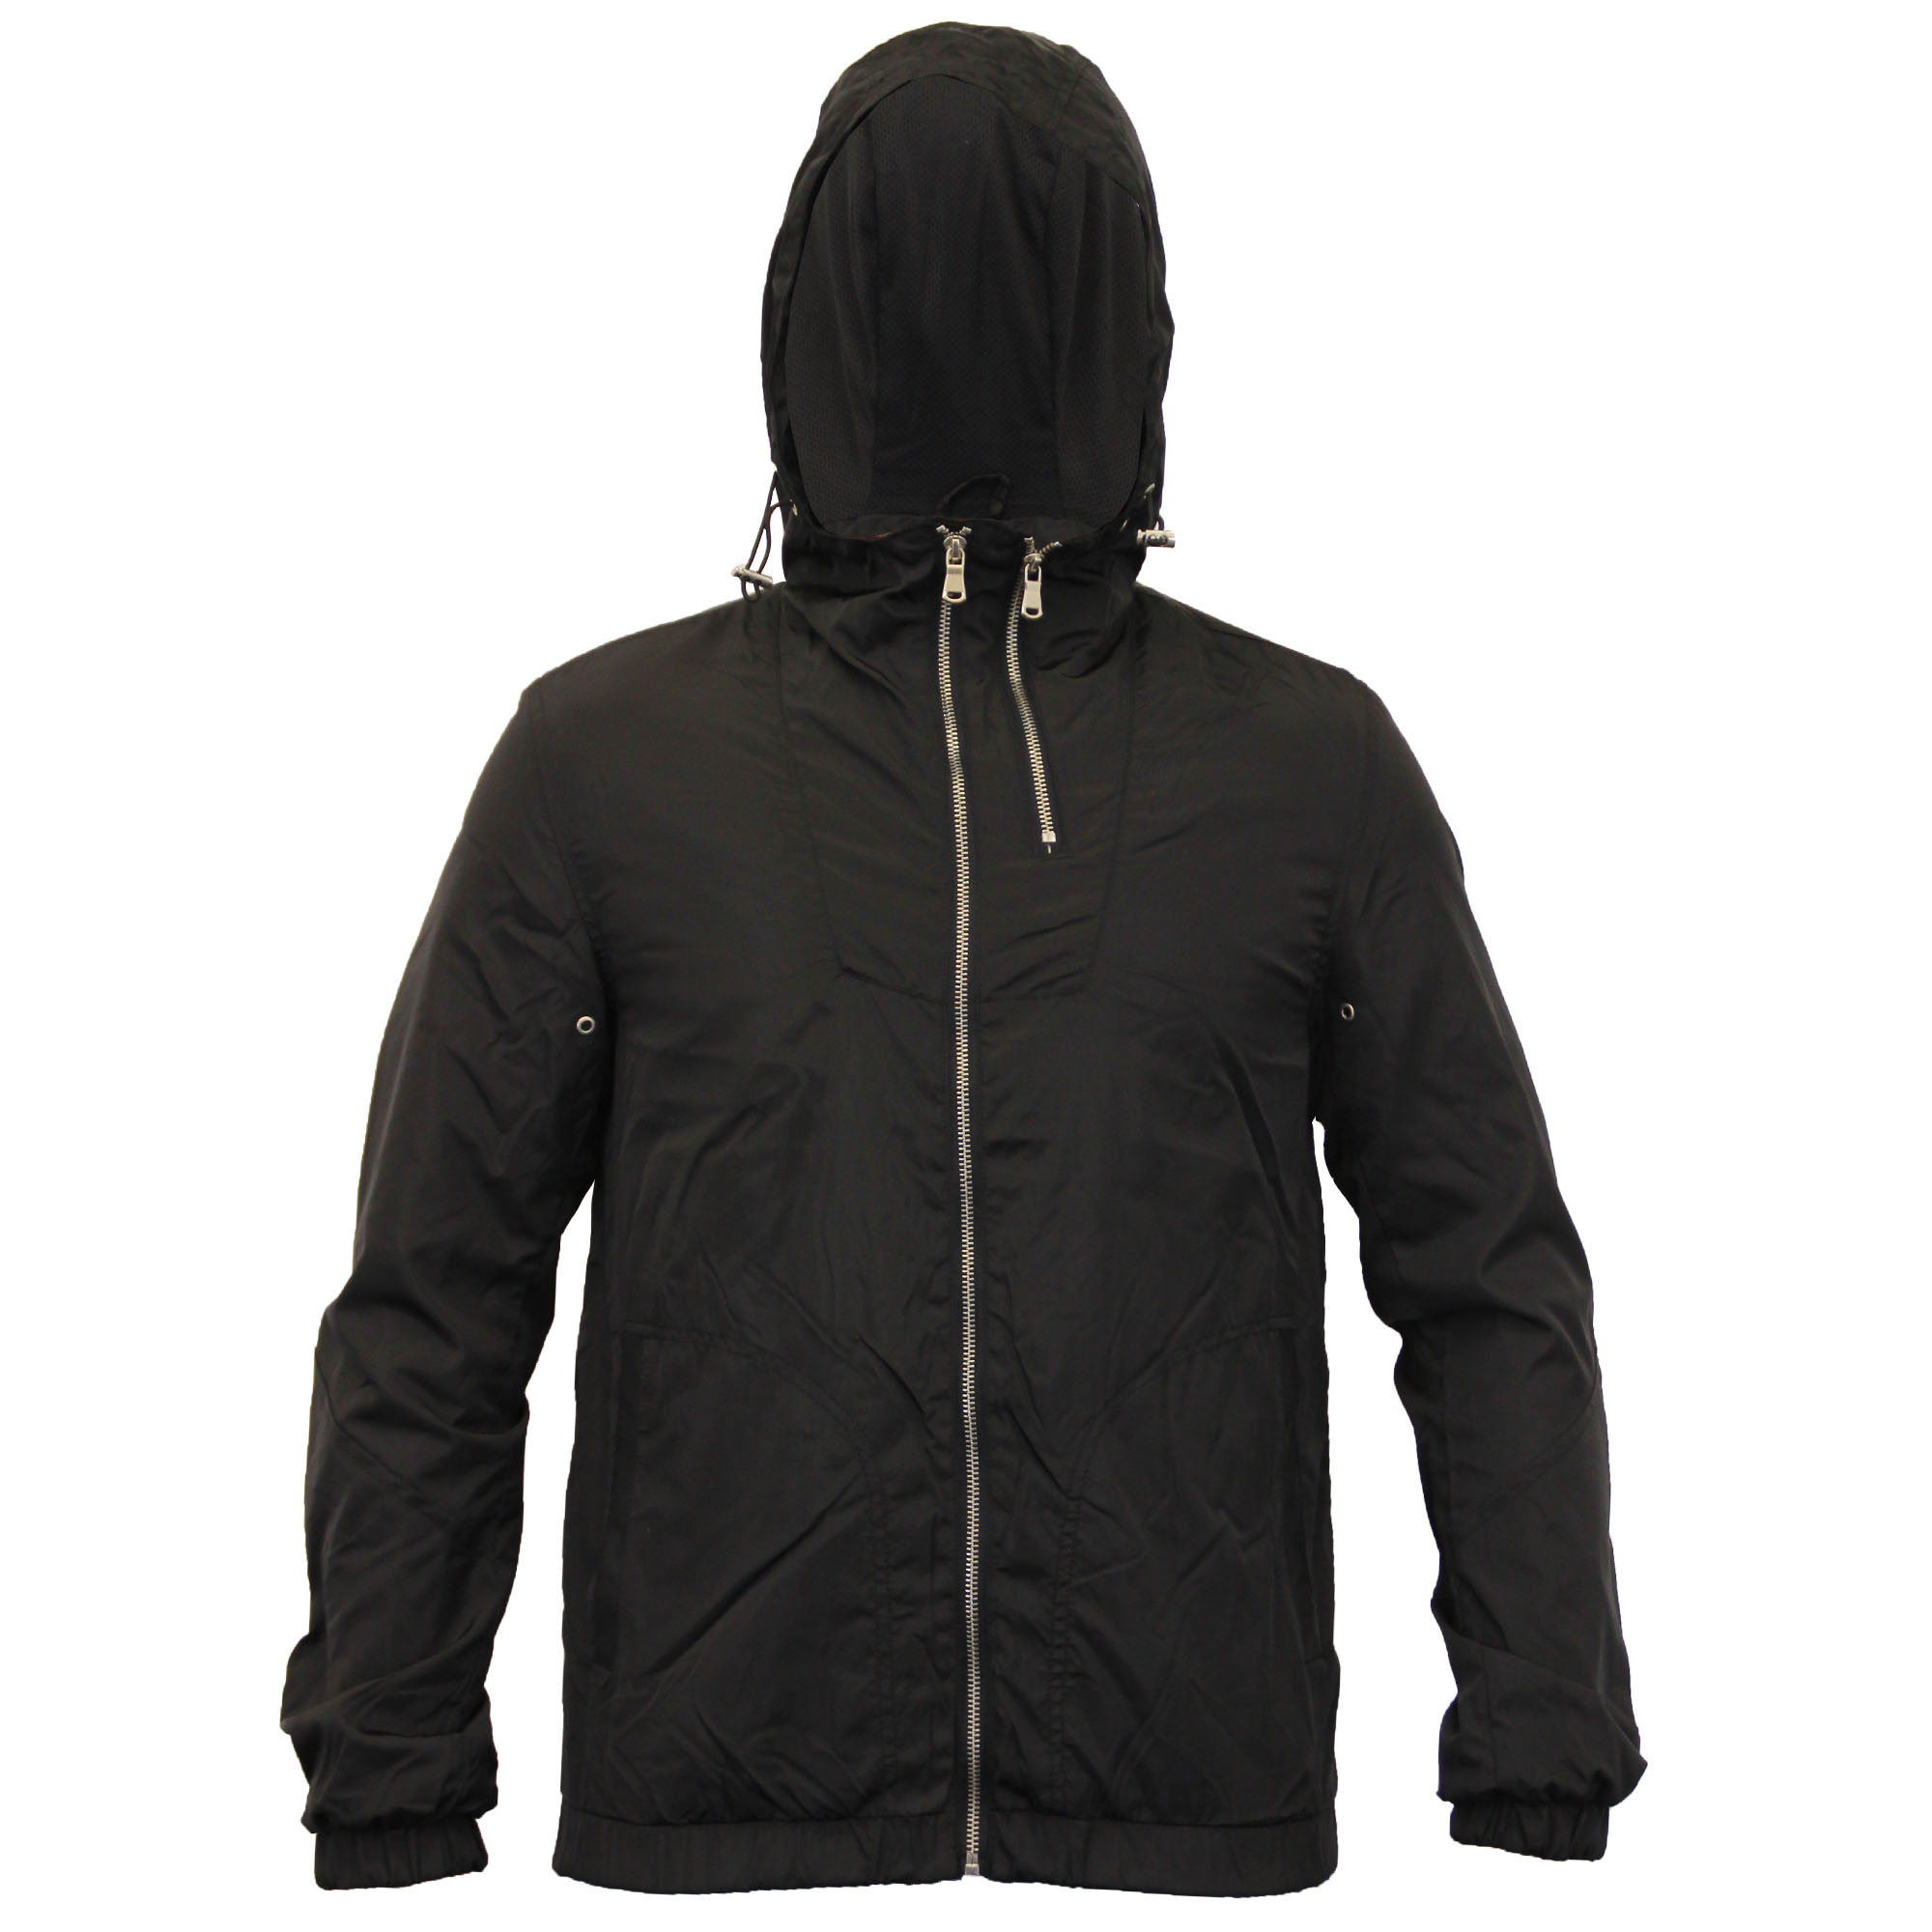 Mens Windbreaker Hooded Jacket Coat By Brave Soul Mesh Lined | eBay